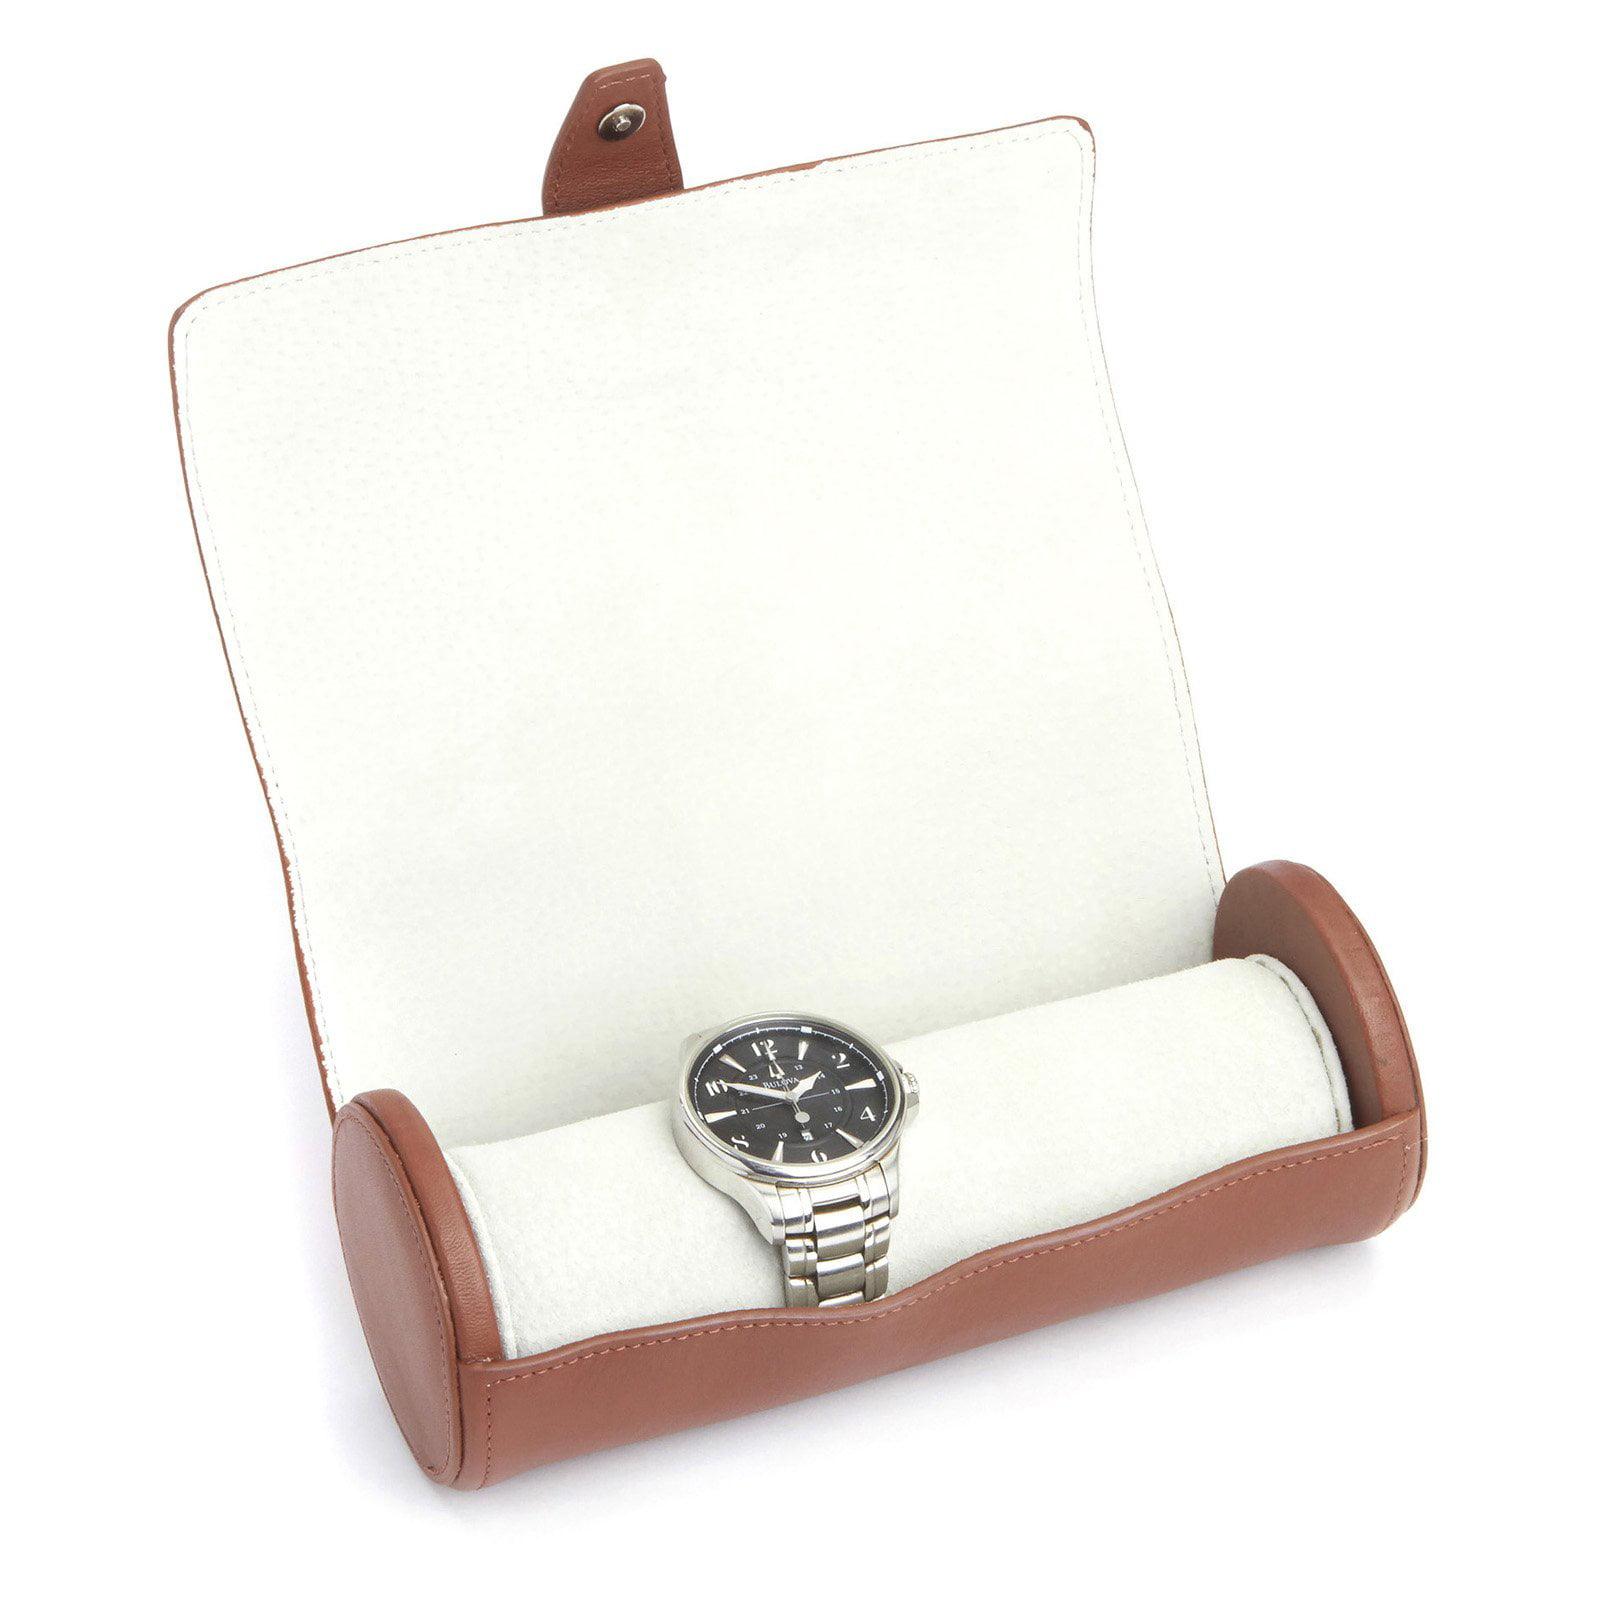 Royce Luxury Travel Watch Storage - 8W x 3.25H in.